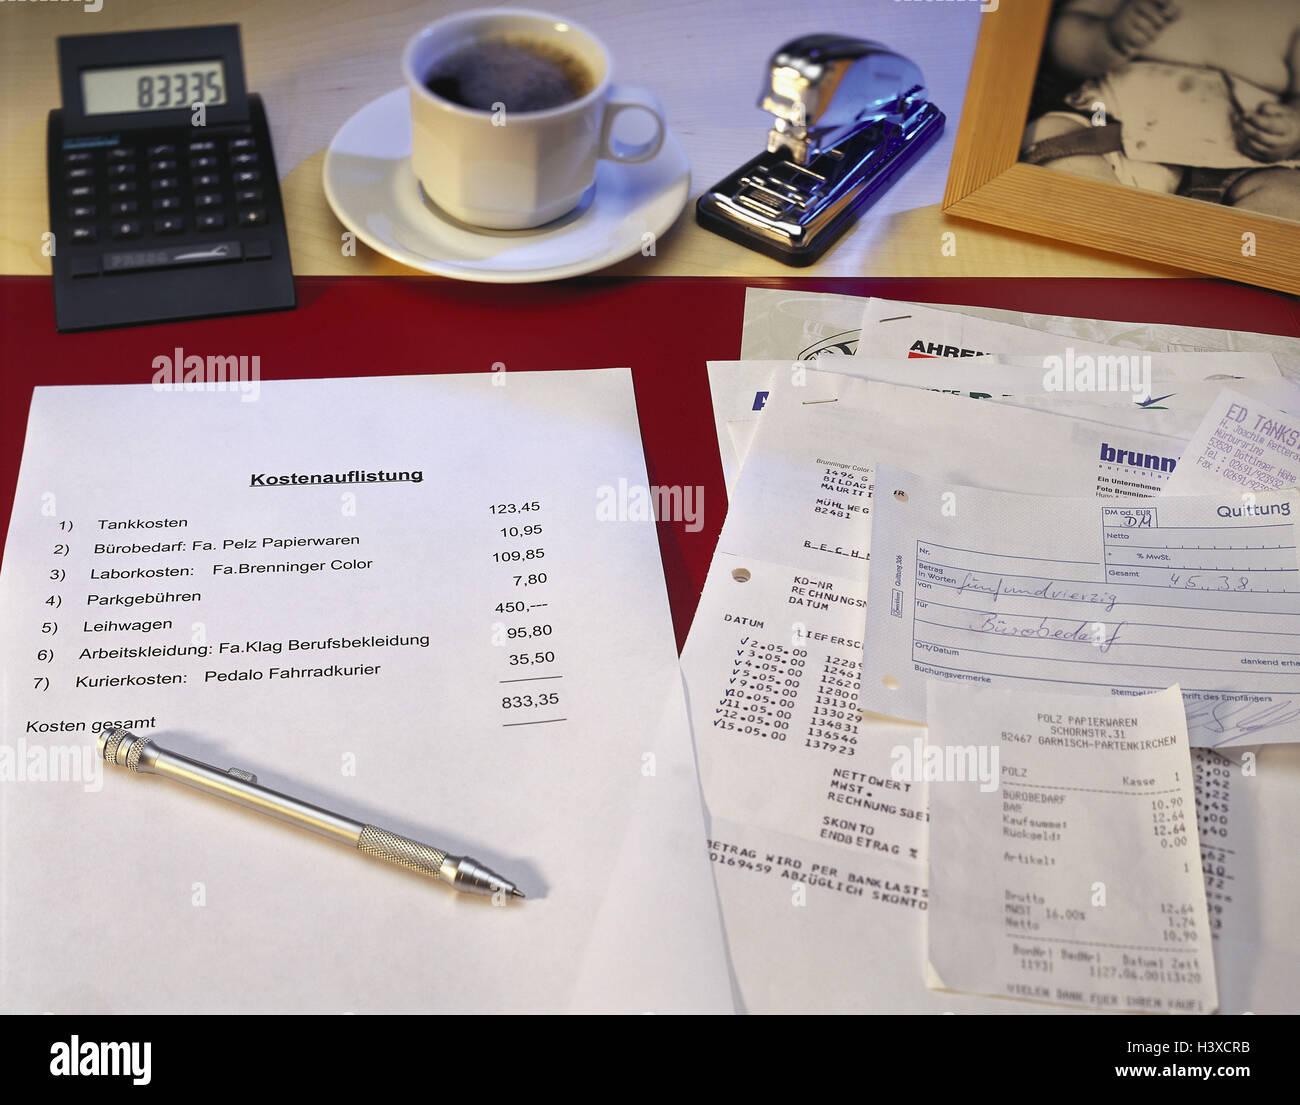 Schreibtisch, Kosten, Inserat, Betriebsausgaben, Gutscheine, Belege ...